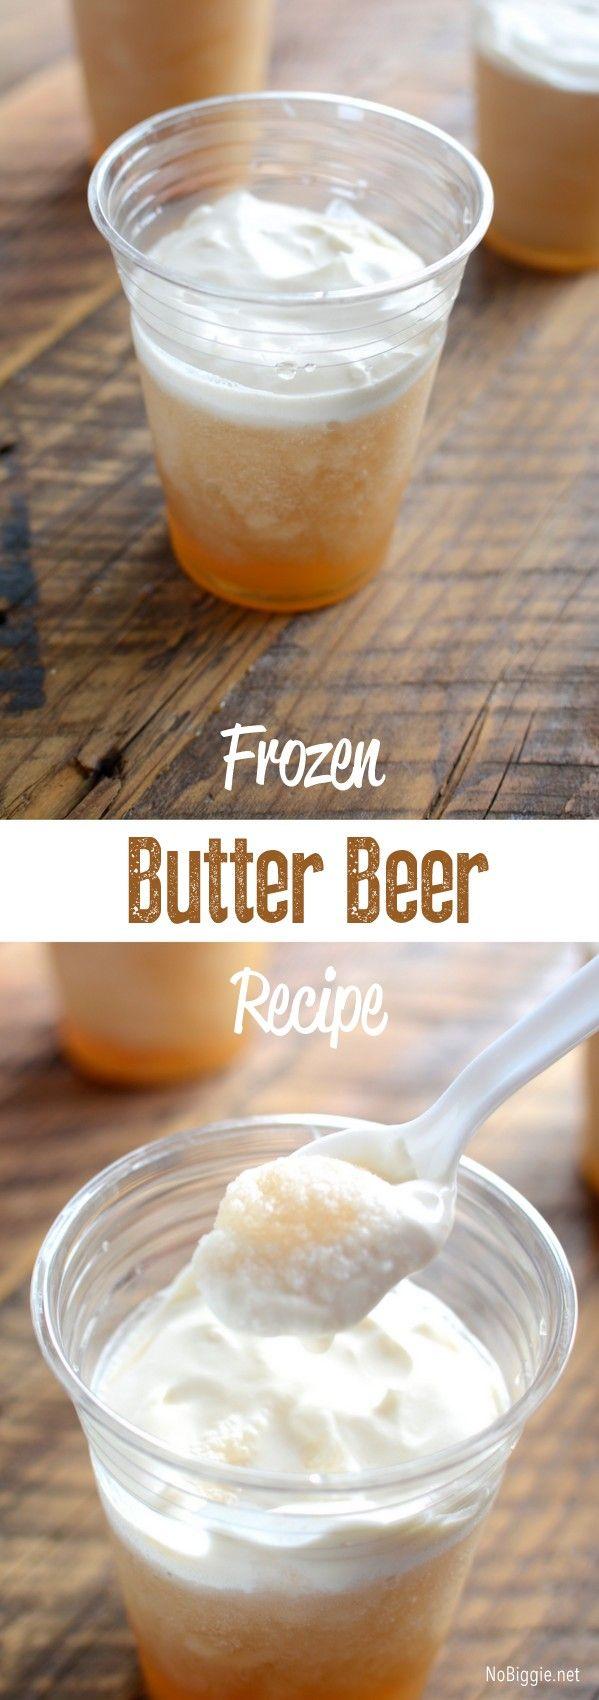 Frozen Butter Beer Copy Cat Recipe | NoBiggie.net